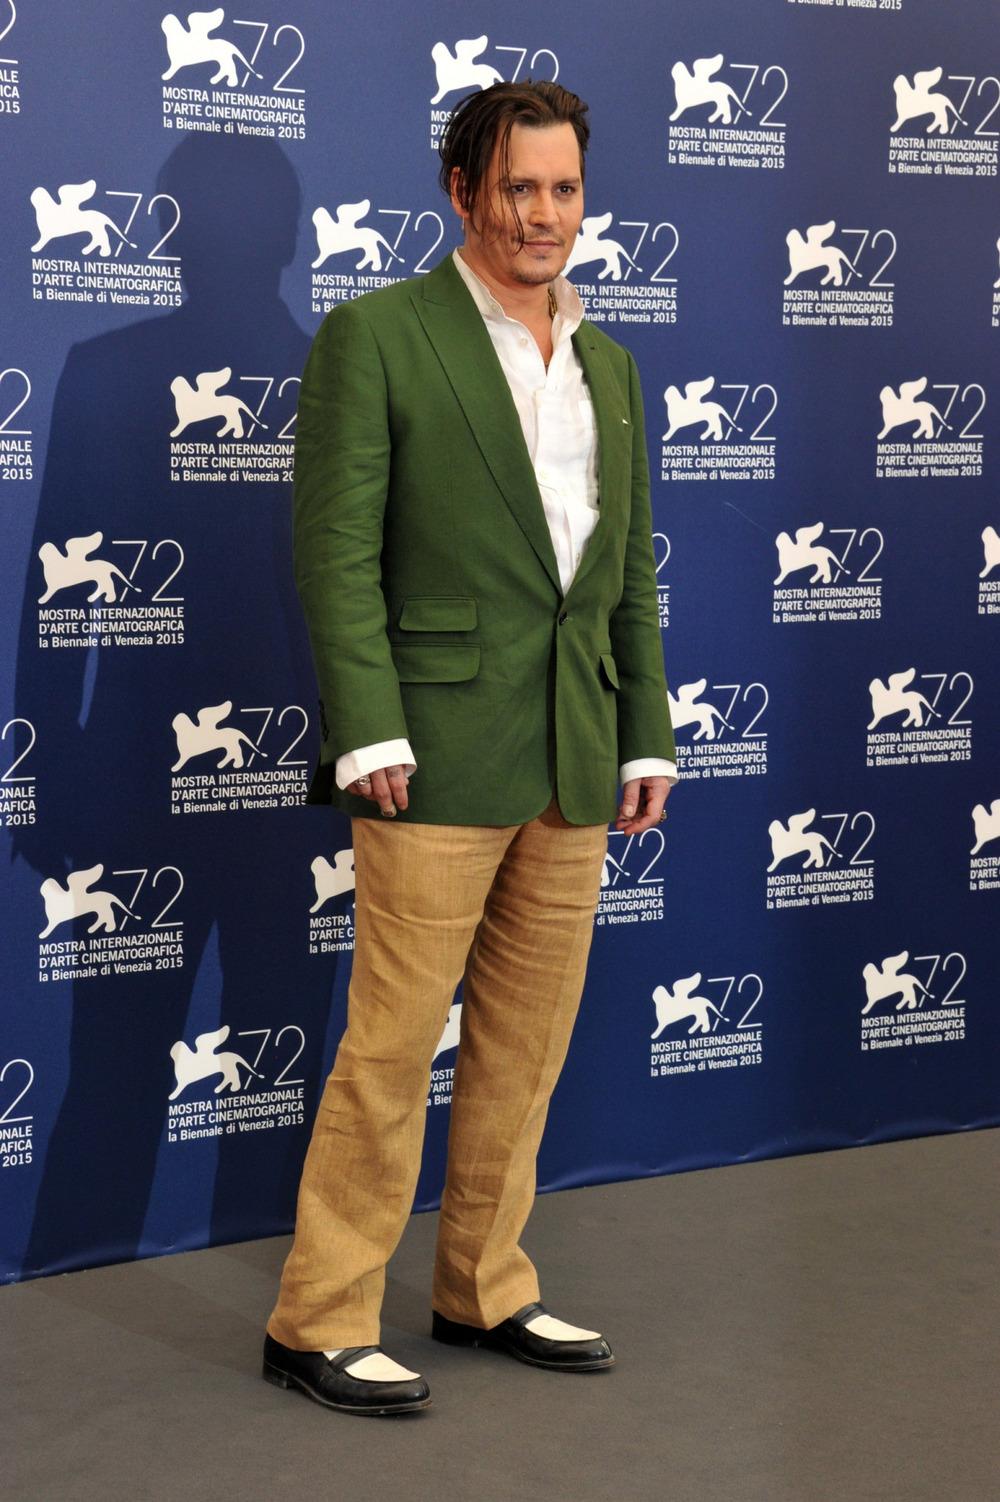 Johnny Depp Johnny Depp éJohnny Depp, né? Mas não custa muito atentar para as medidas. Sobre as cores, ok, meio diferentes. Mas o caimento do traje foi o que deixou o resultado assim, tão estranho.